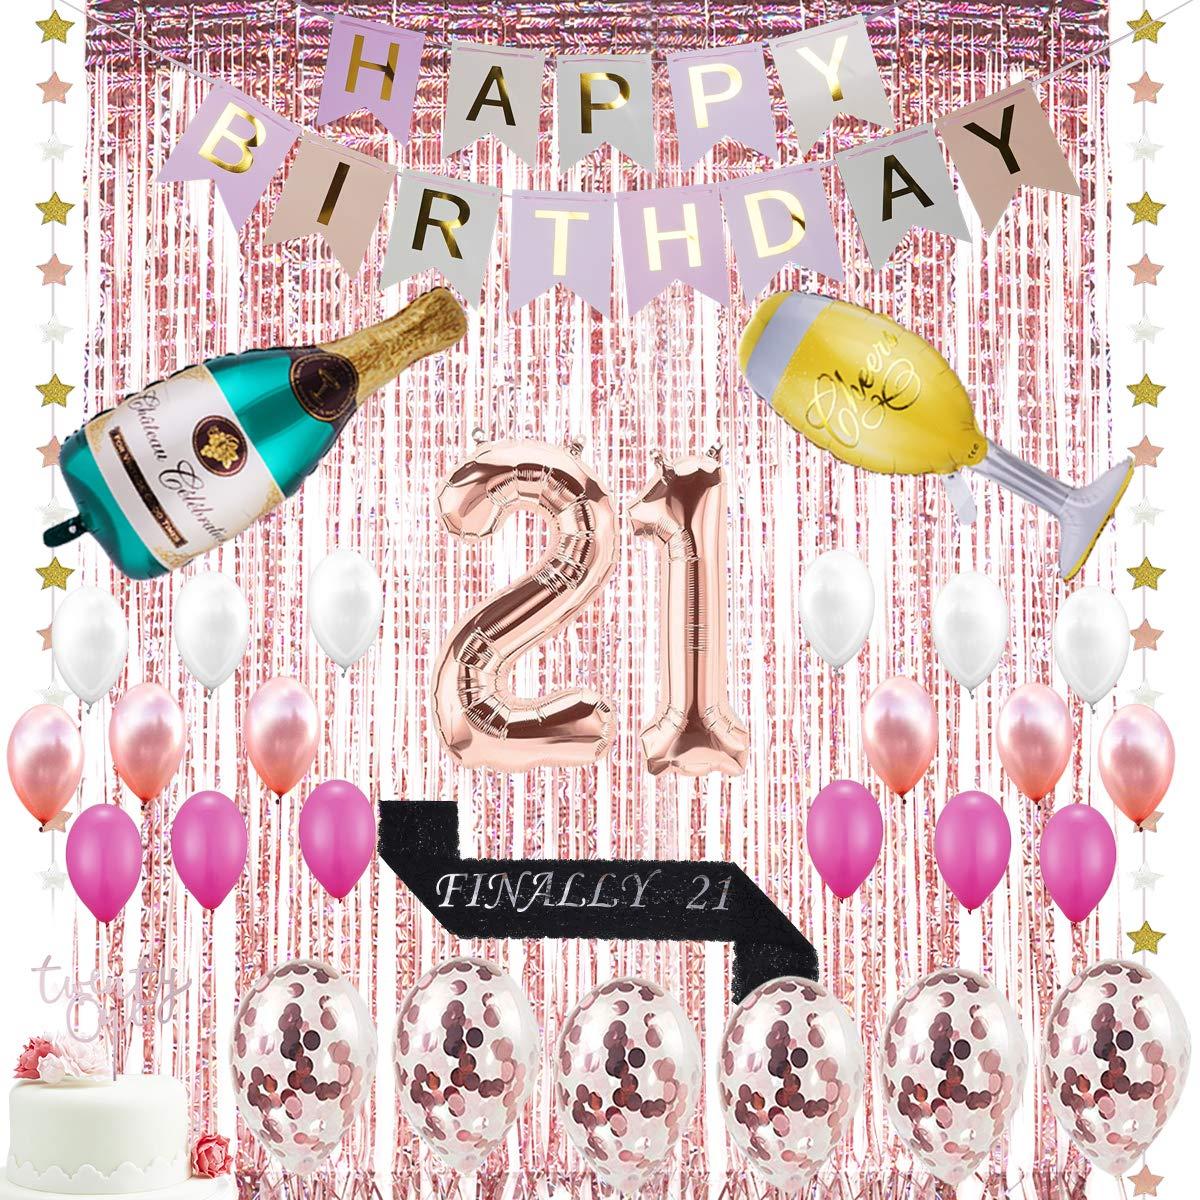 21歳の誕生日デコレーション - Happy Birthdayバナー 21番目のバルーン ホイルフリンジカーテン シャンパンバルーン 21個のケーキトッパー 最終的に21個のサテンバースデーサッシュ 紙吹雪バルーン 21種類の誕生日パーティーデコレーション用品 - ローズゴールド   B07NS5YD7M